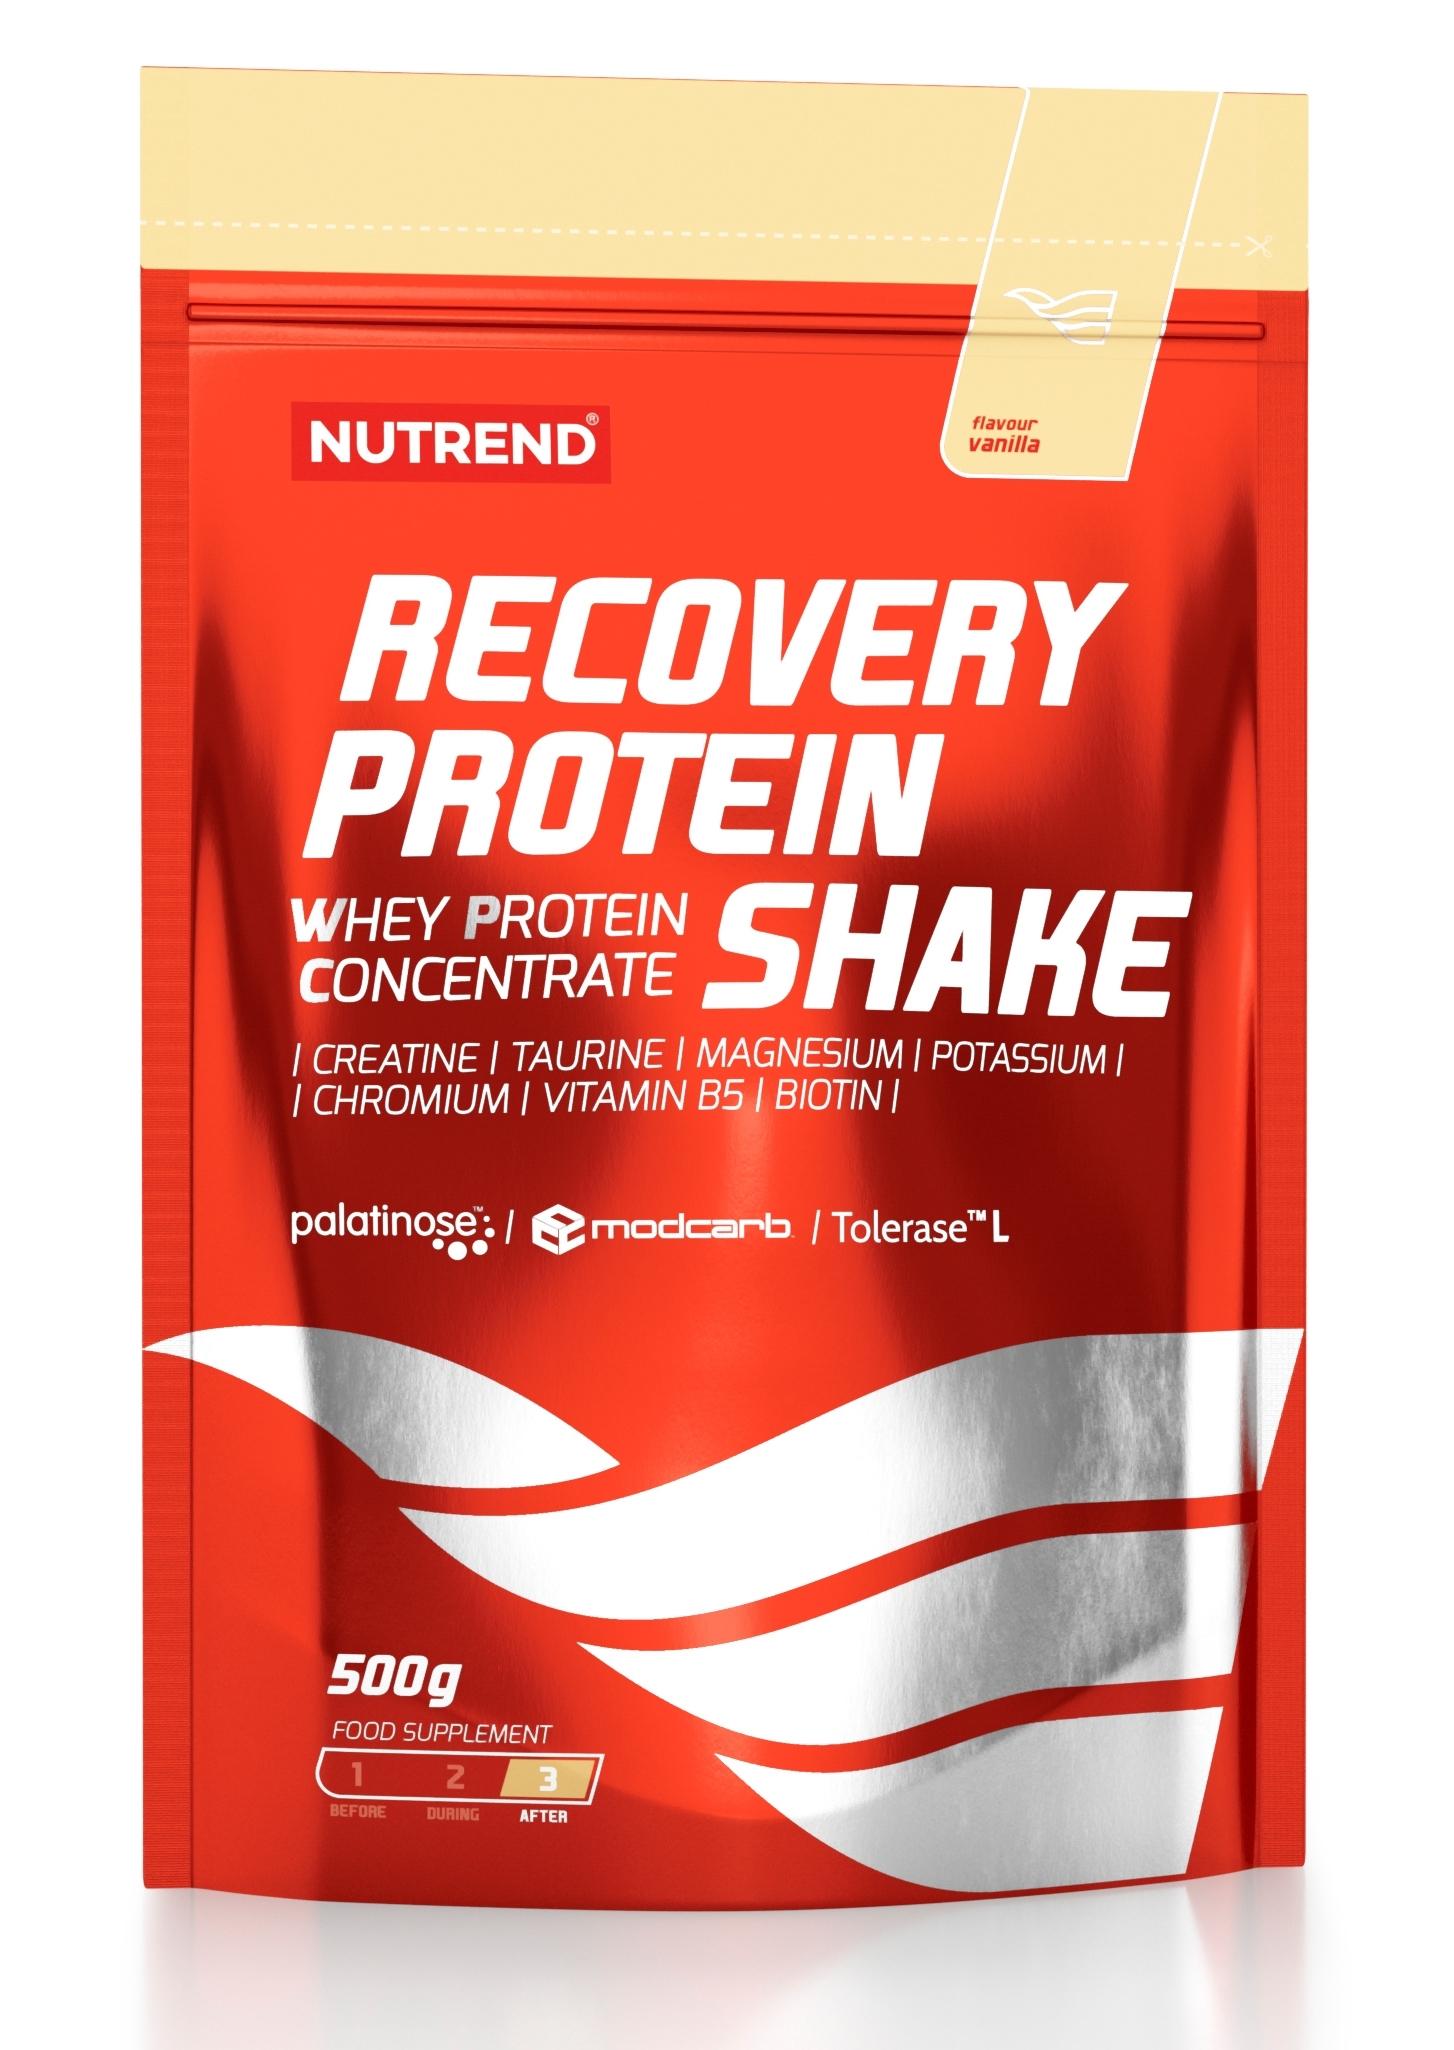 RECOVERY PROTEIN SHAKE, 500 g, vanilka